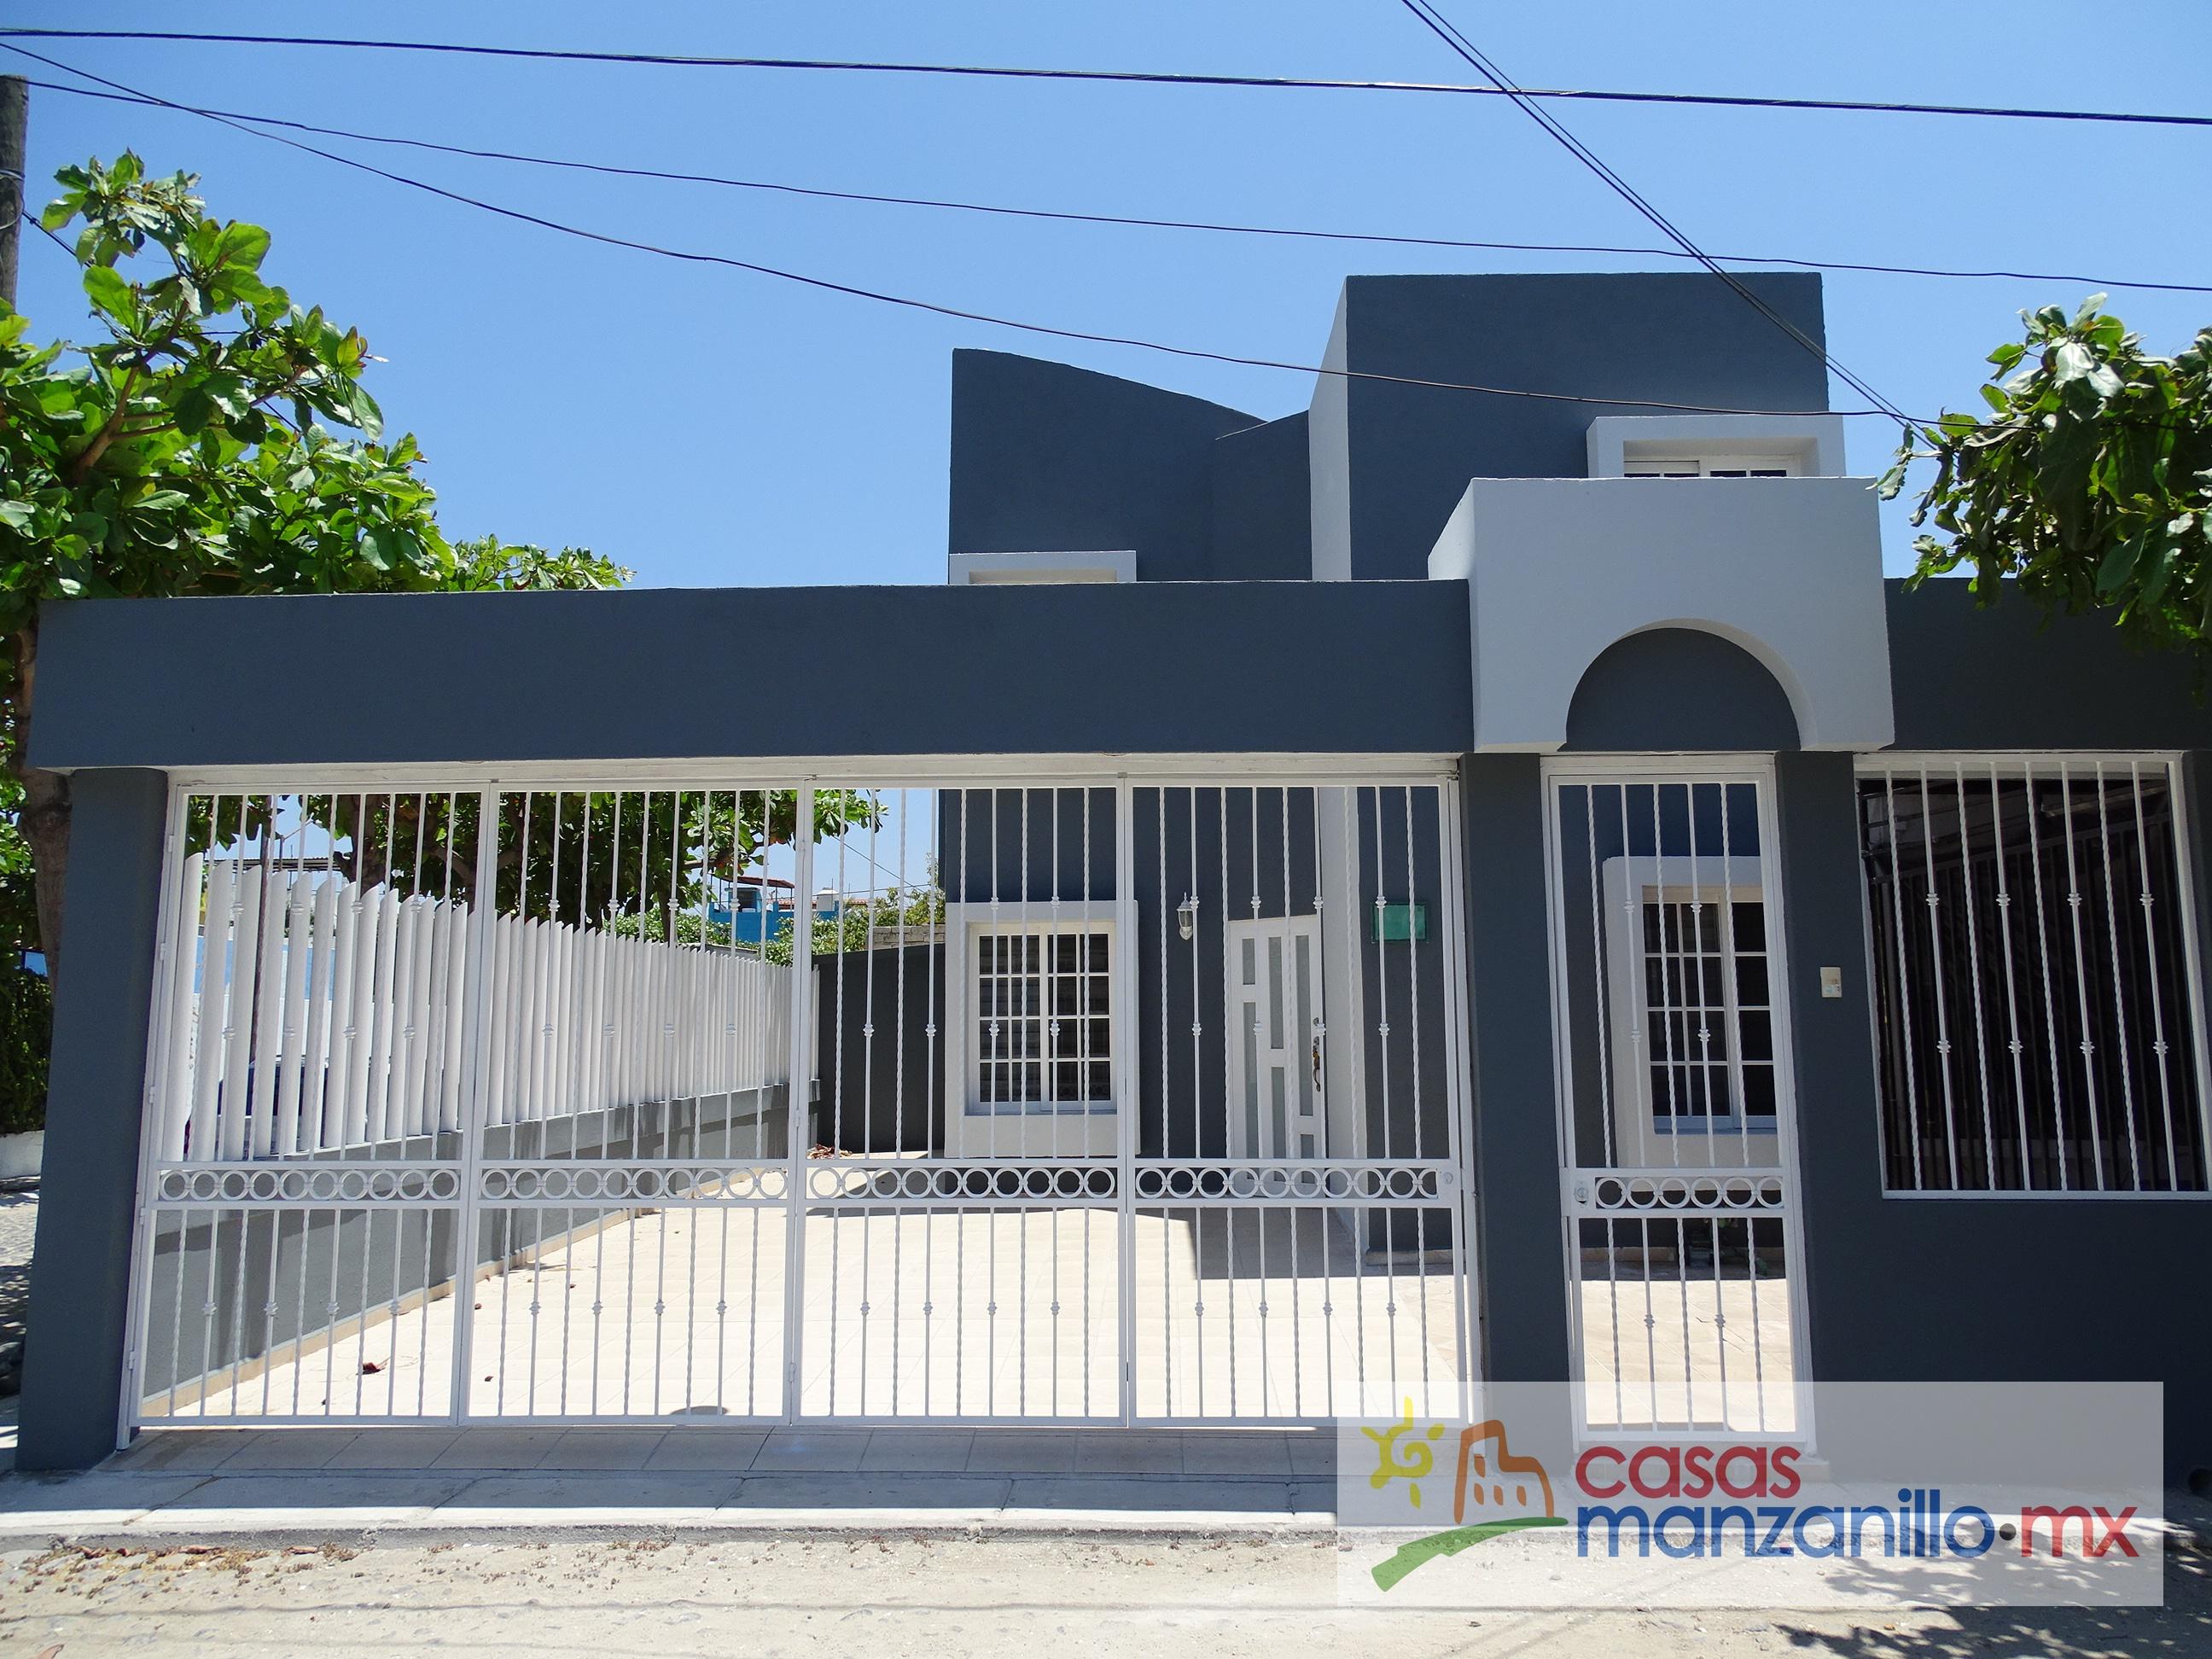 Casas VENTA Manzanillo - La Joya (2)